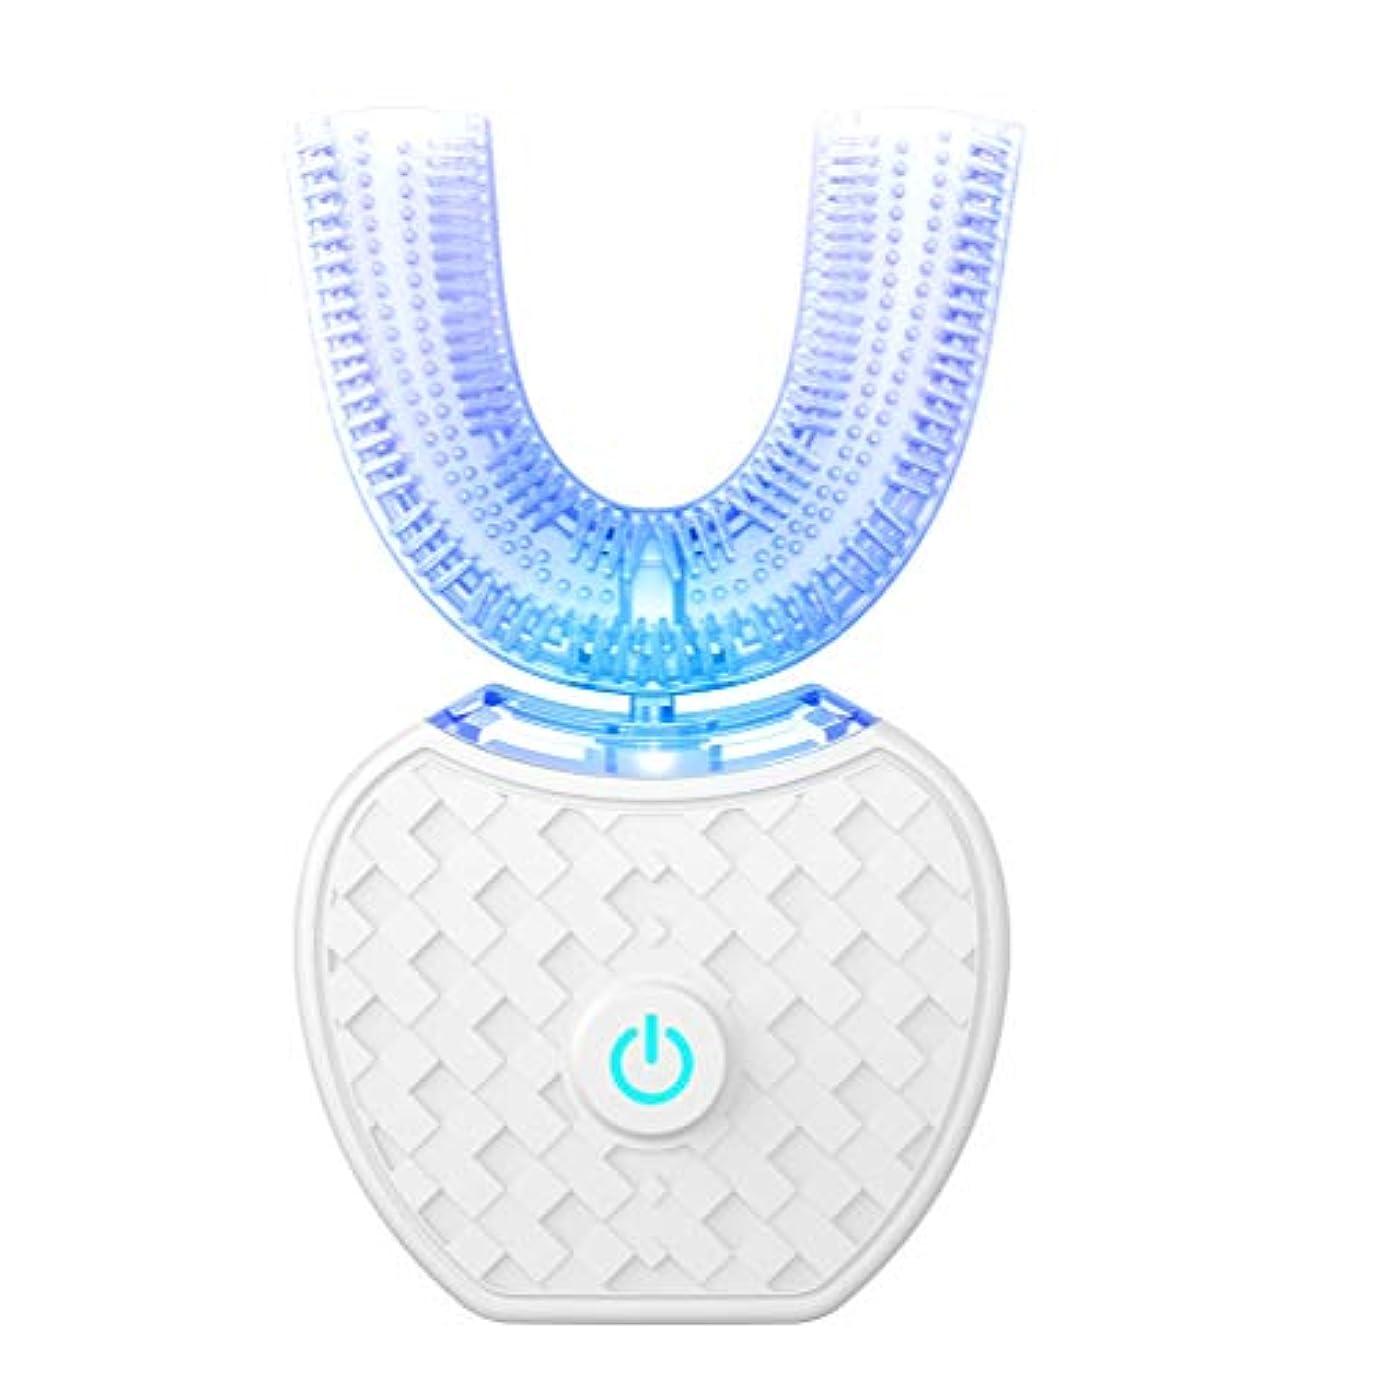 モック割れ目脳GideaTech アップグレード 電動歯ブラシ 口腔洗浄器 音波振動歯ブラシ デンタルケア 美歯 IPX7防水 ワイヤレス充電 虫歯予防 U型 360°ホワイト